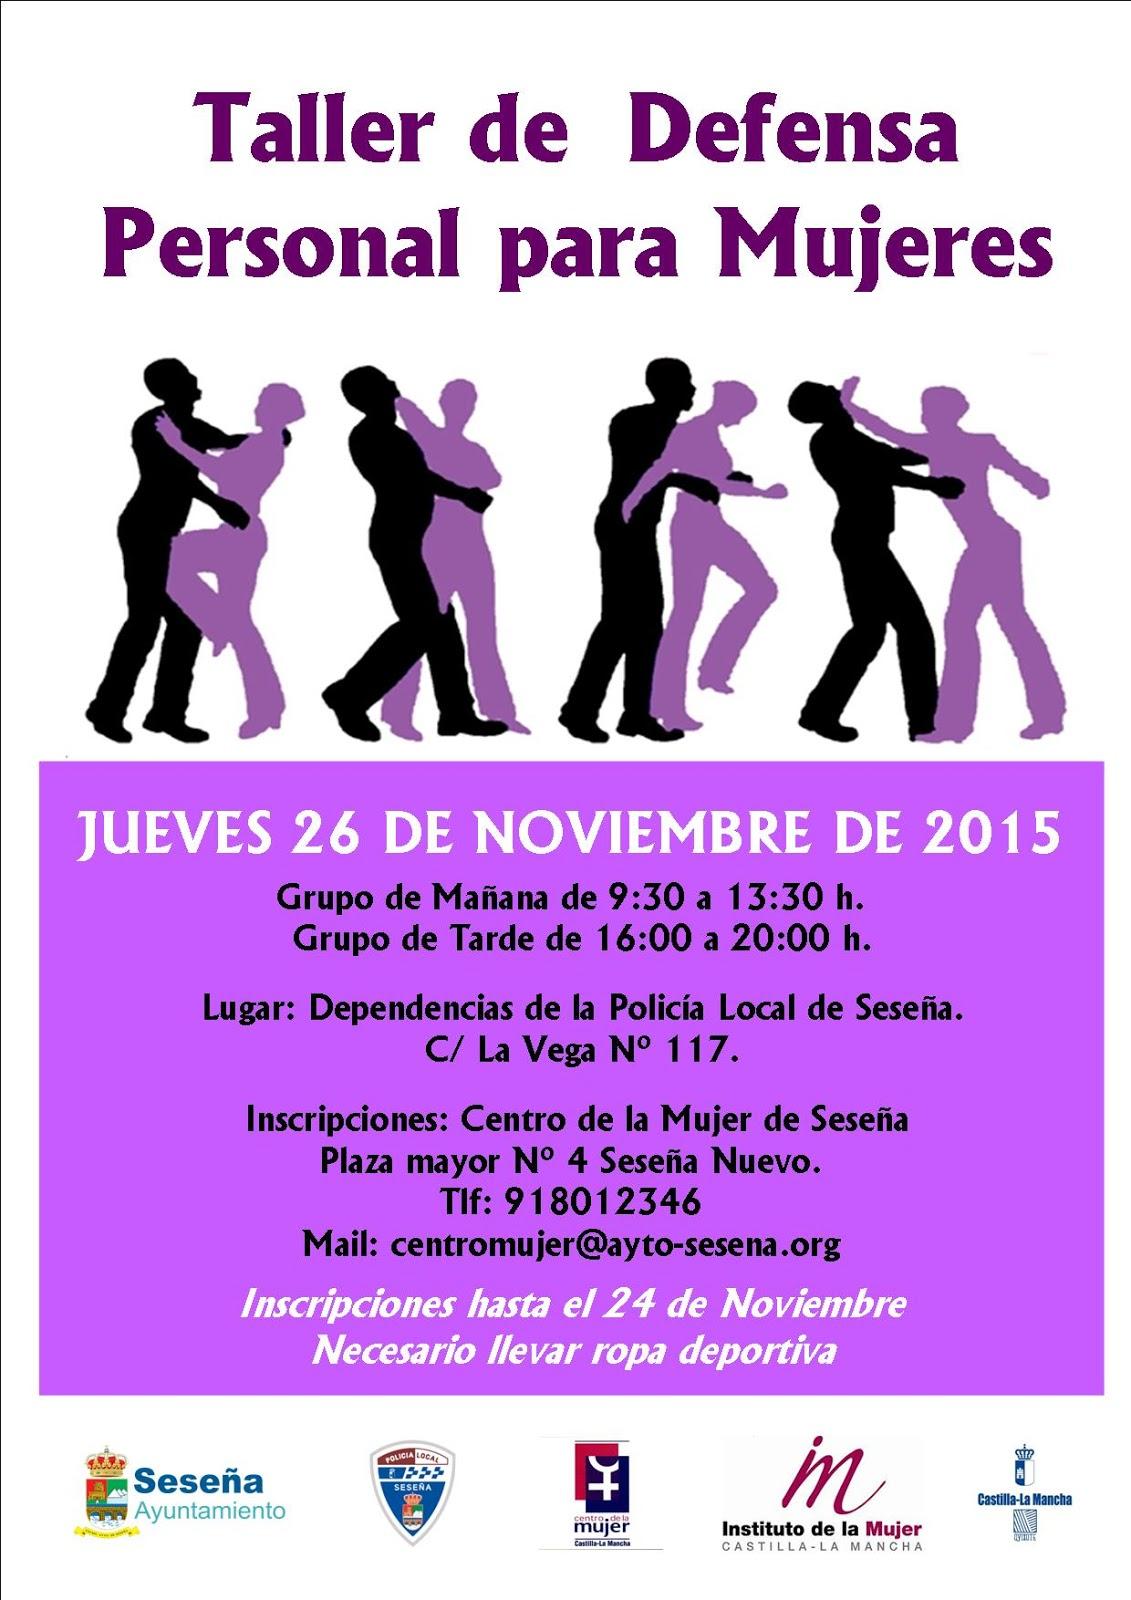 Centro De La Mujer De Seseña Taller De Defensa Personal Para Mujeres